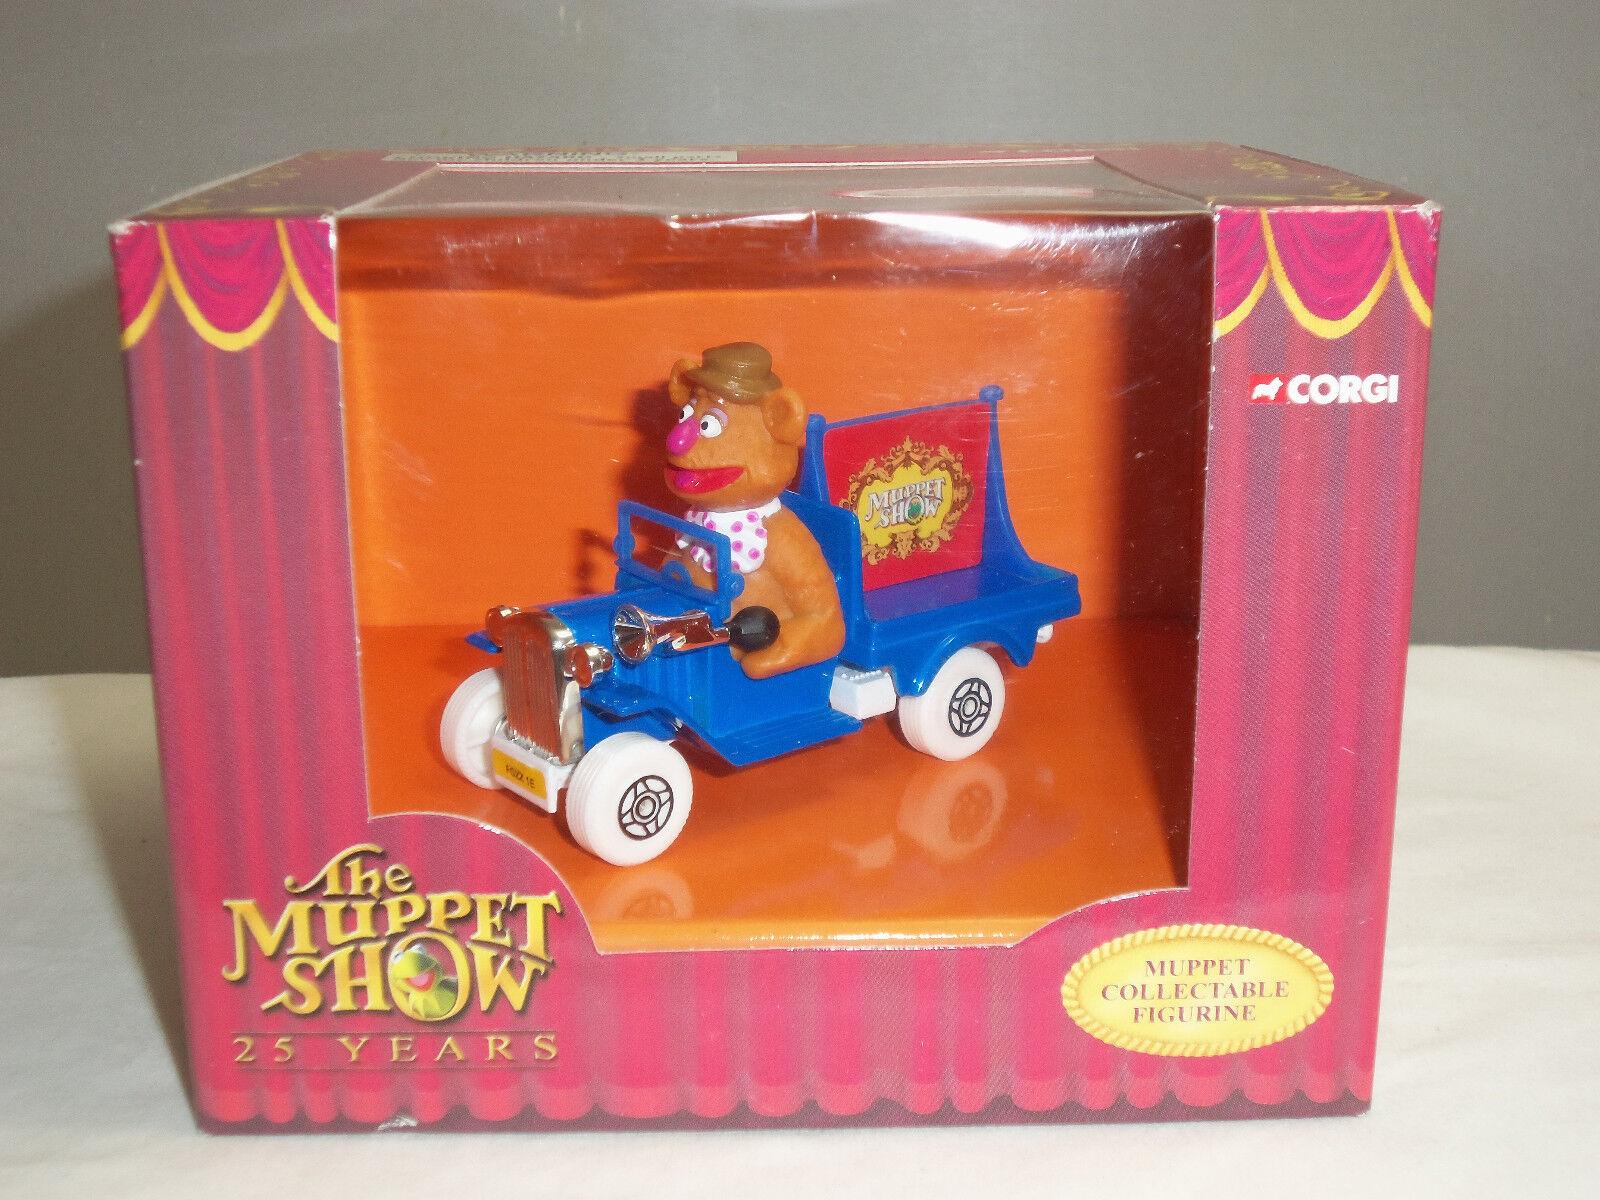 CORGI CC06602 Jim Henson Muppets ours bear figure dans Diecast Voiture Modèle